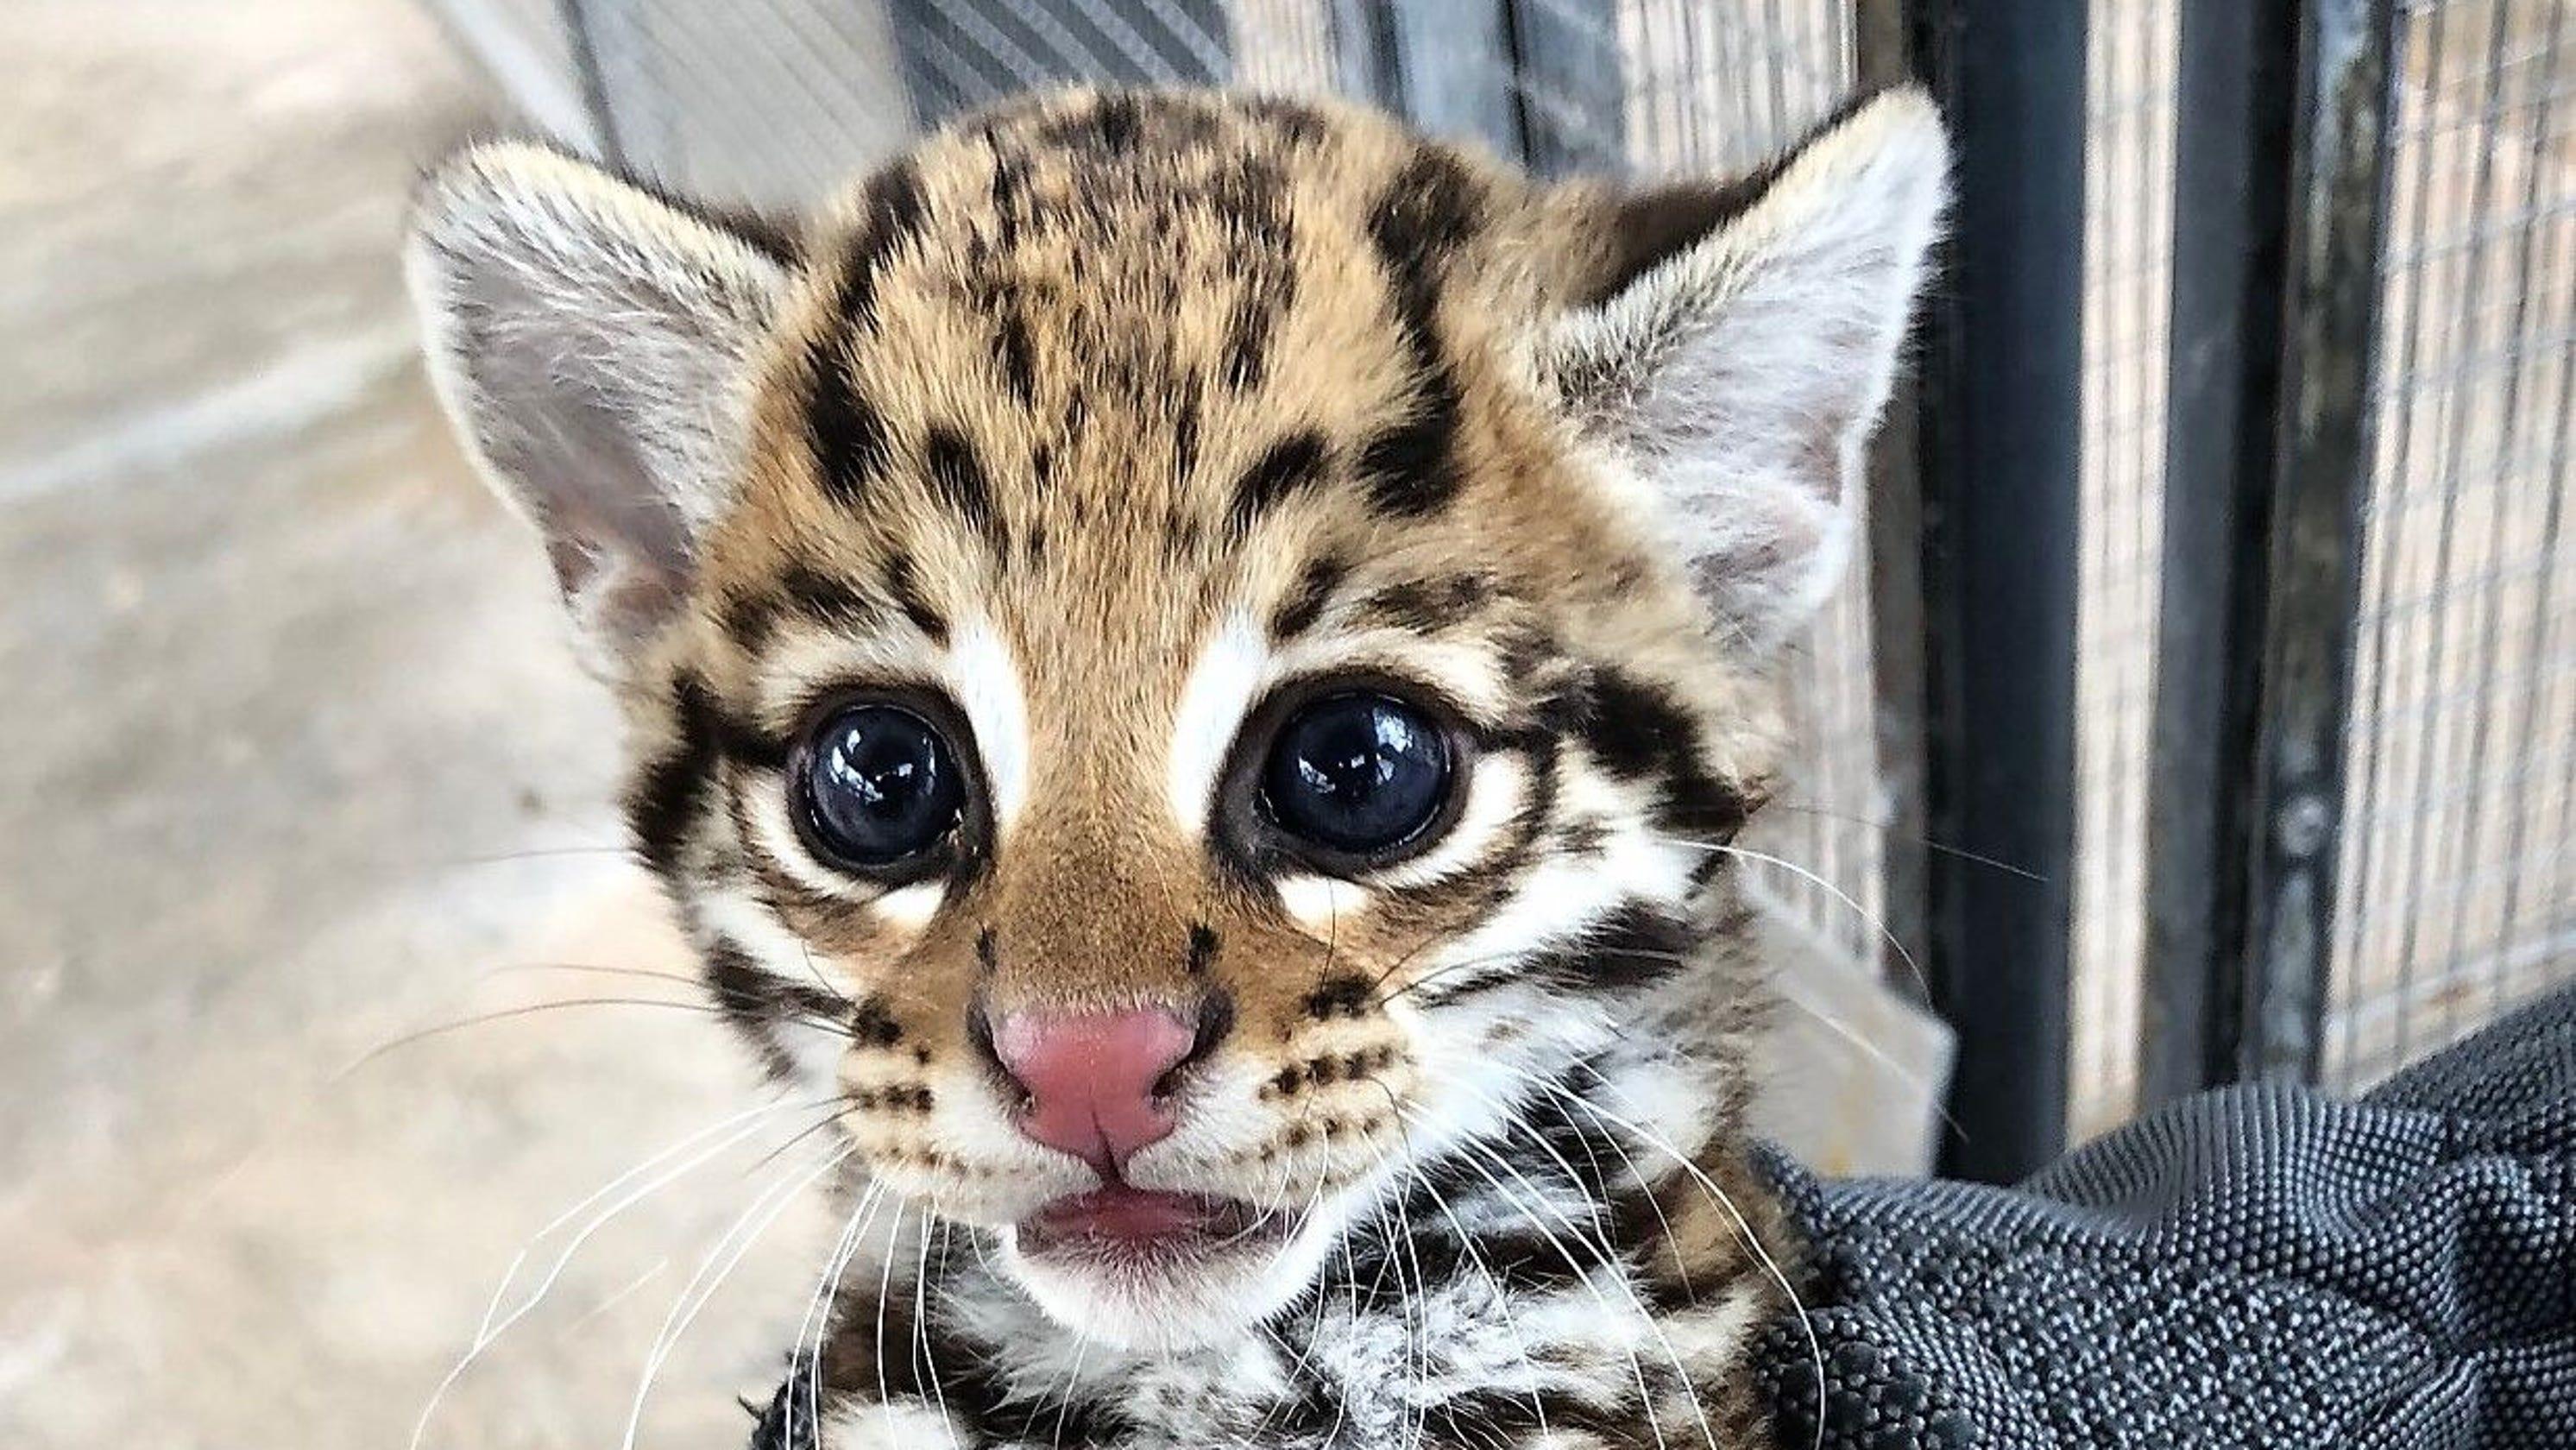 Cincinnati Zoo Scientist Artificial Insemination To Thank